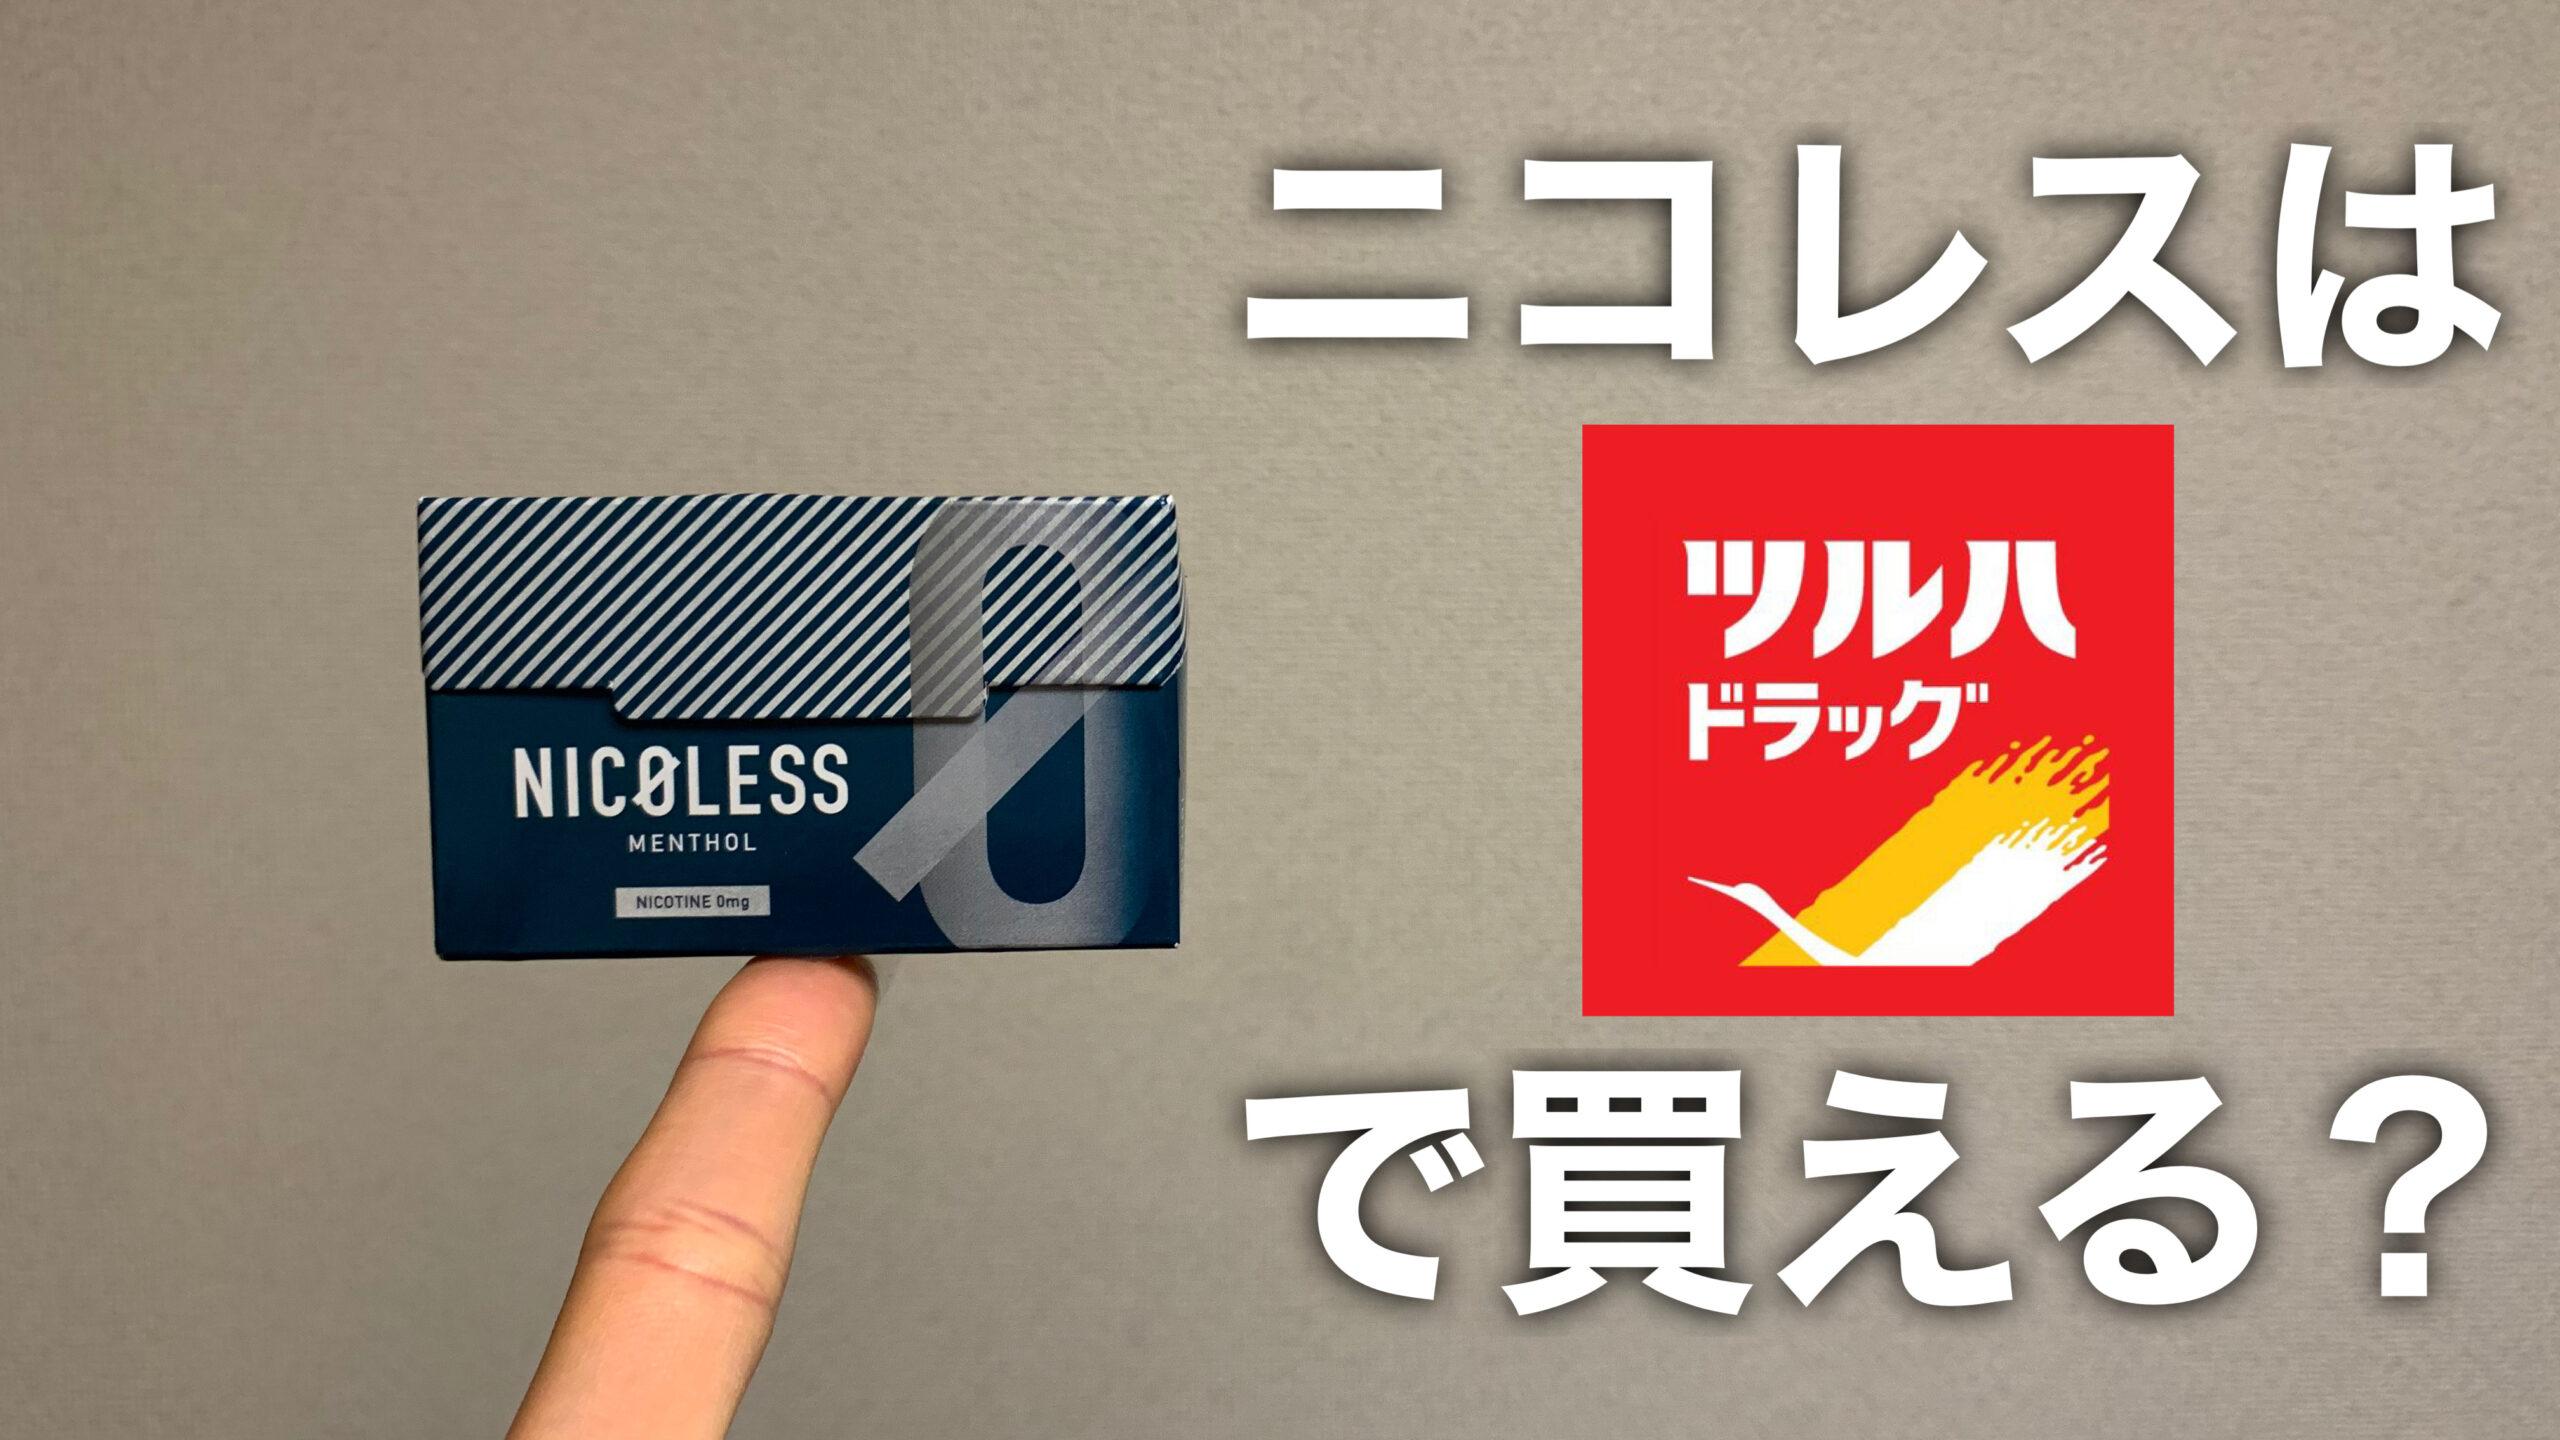 nicoless-tsuruha eyecatch